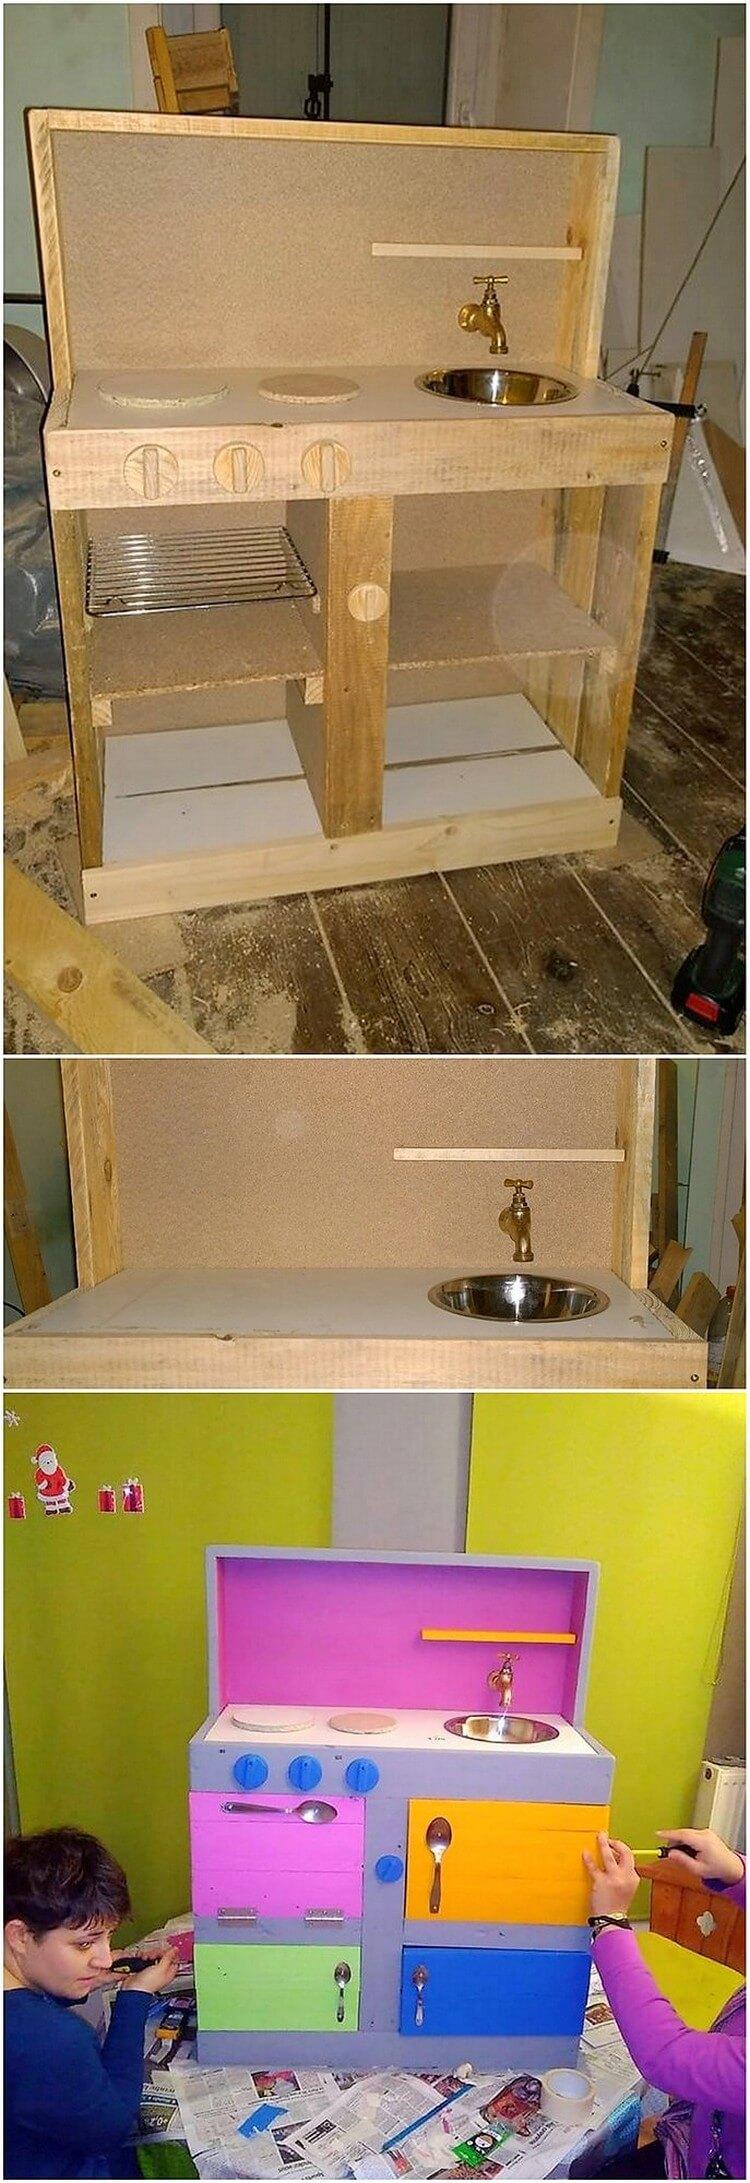 Pallet Kids Mud Kitchen with Sink